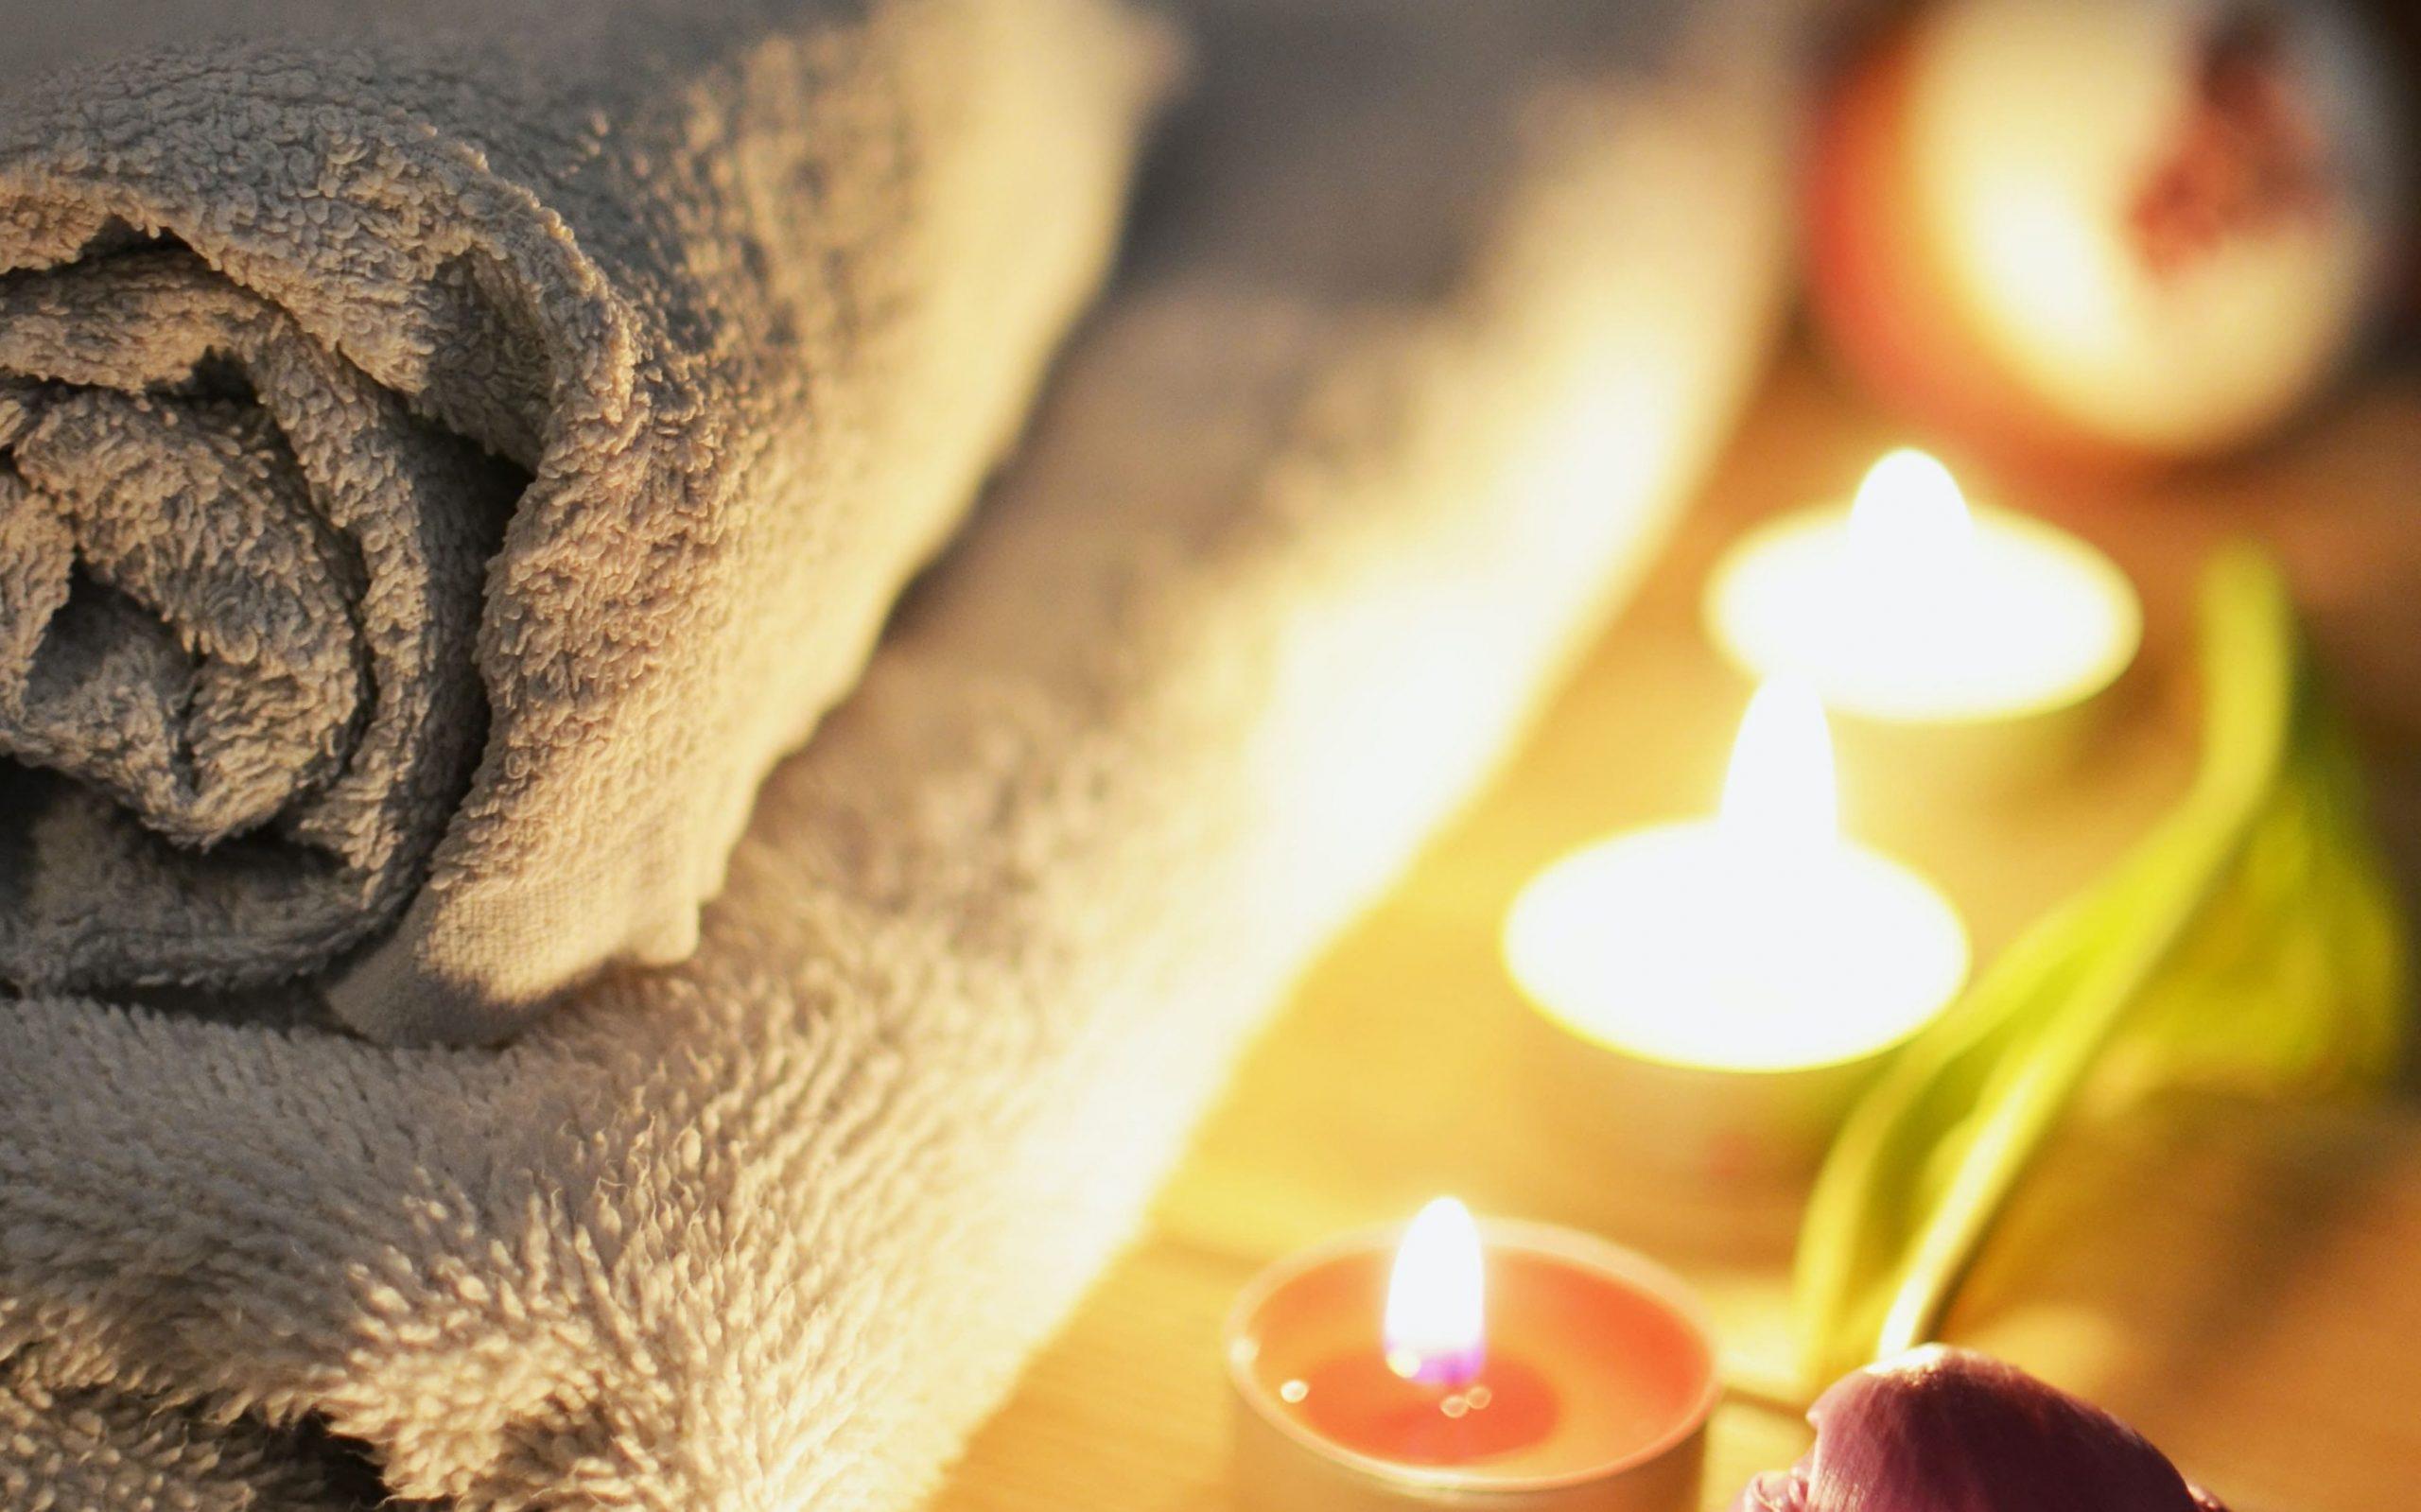 Serviette chaude pour un massage détente dans une ambiance tamisée avec des bougies colorées et odorantes